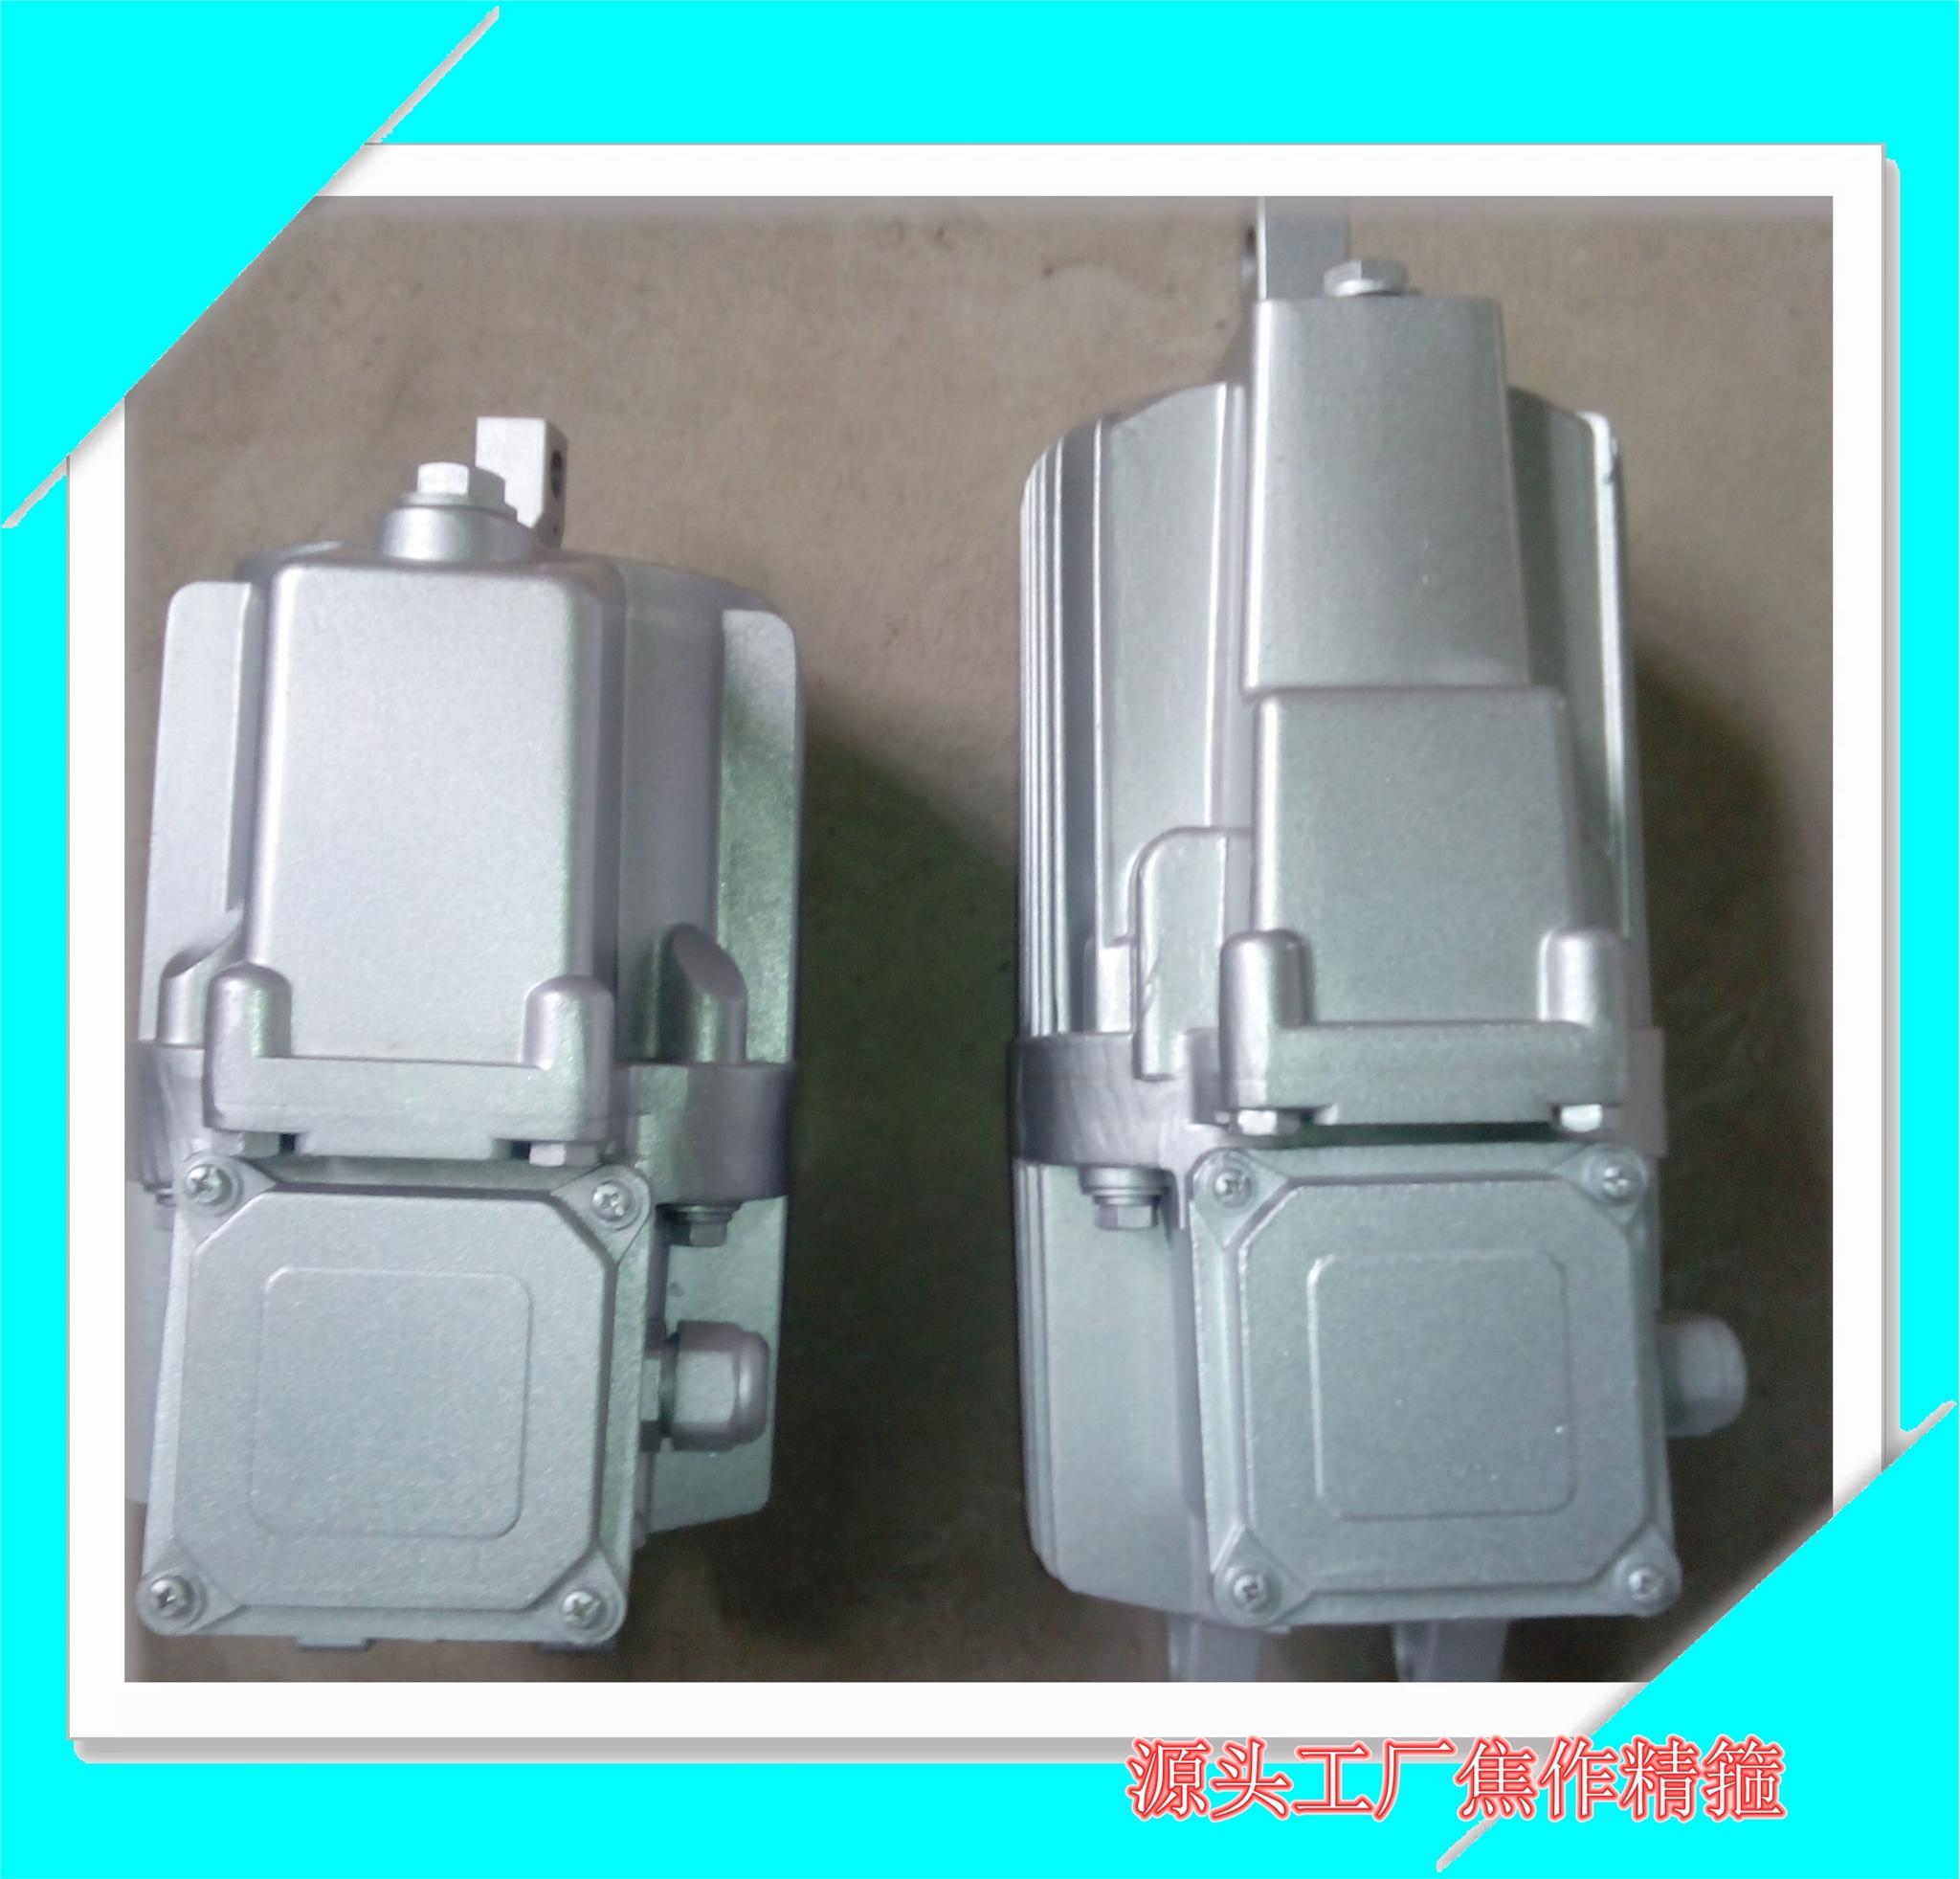 電力液壓推動器DED-301/12廠家銷售質量優